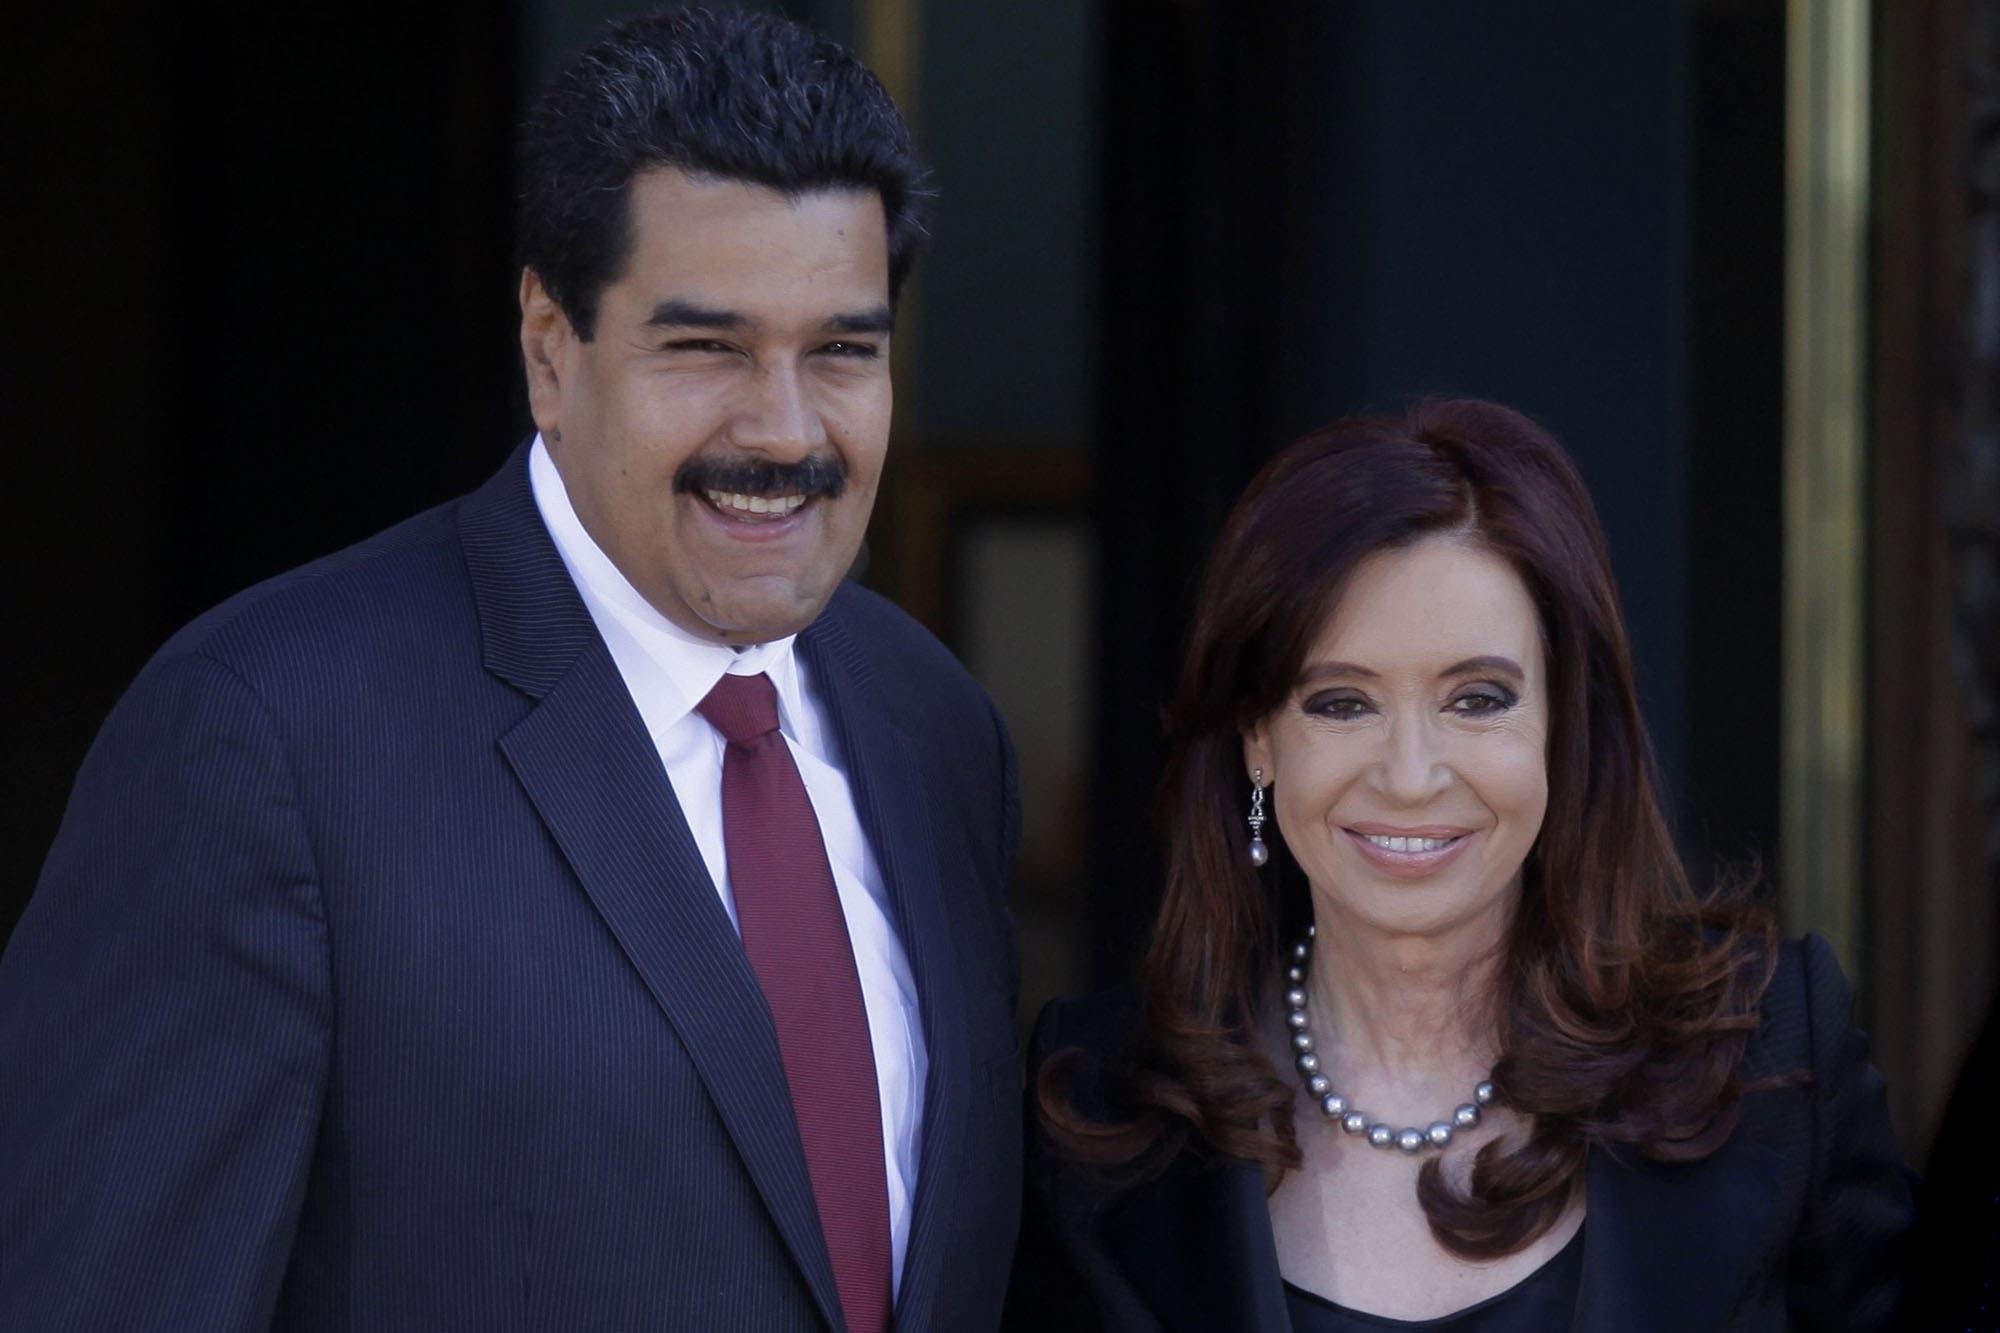 Elecciones en Venezuela: el gobierno argentino evita un pronunciamiento por segundo día consecutivo